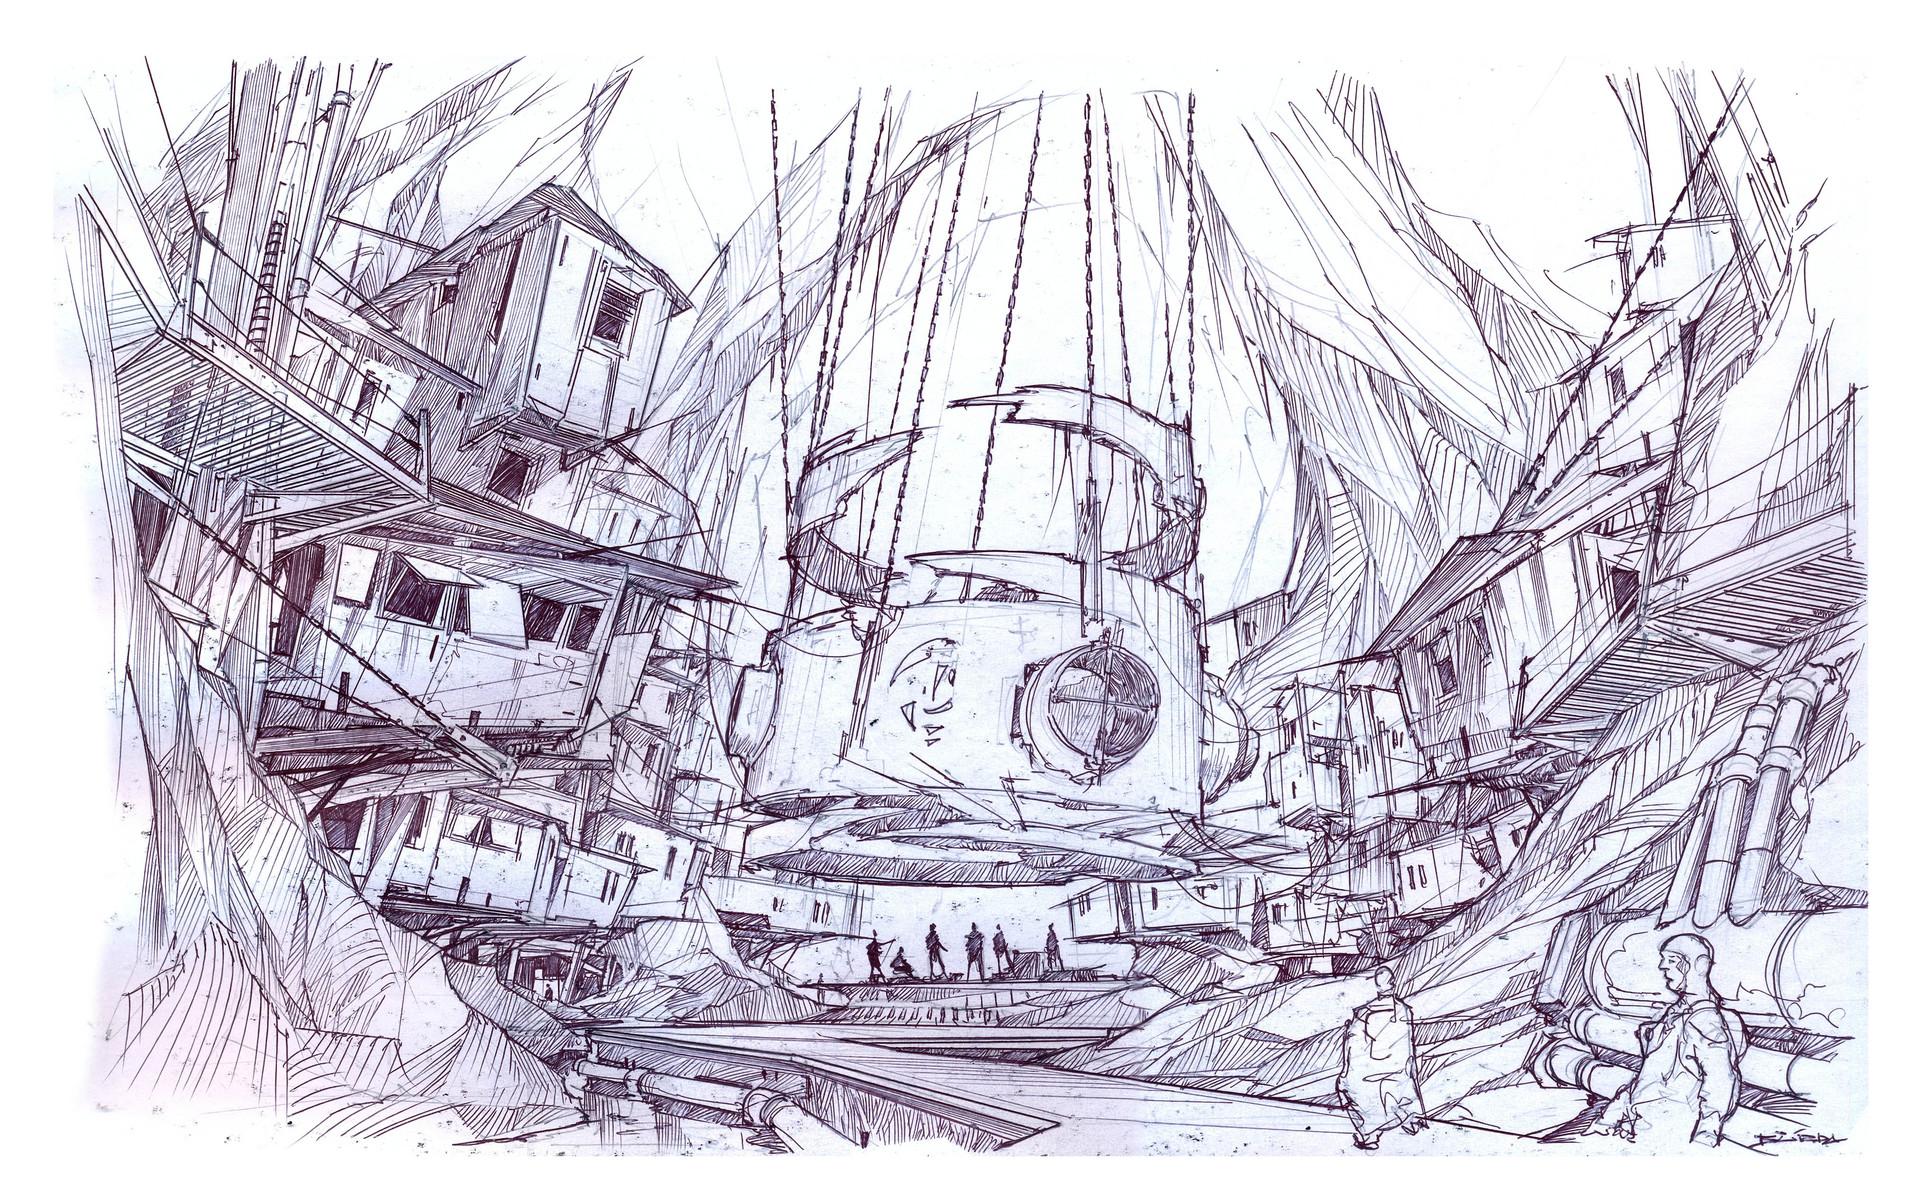 Alejandro burdisio boceto1 plaza telm tek v2